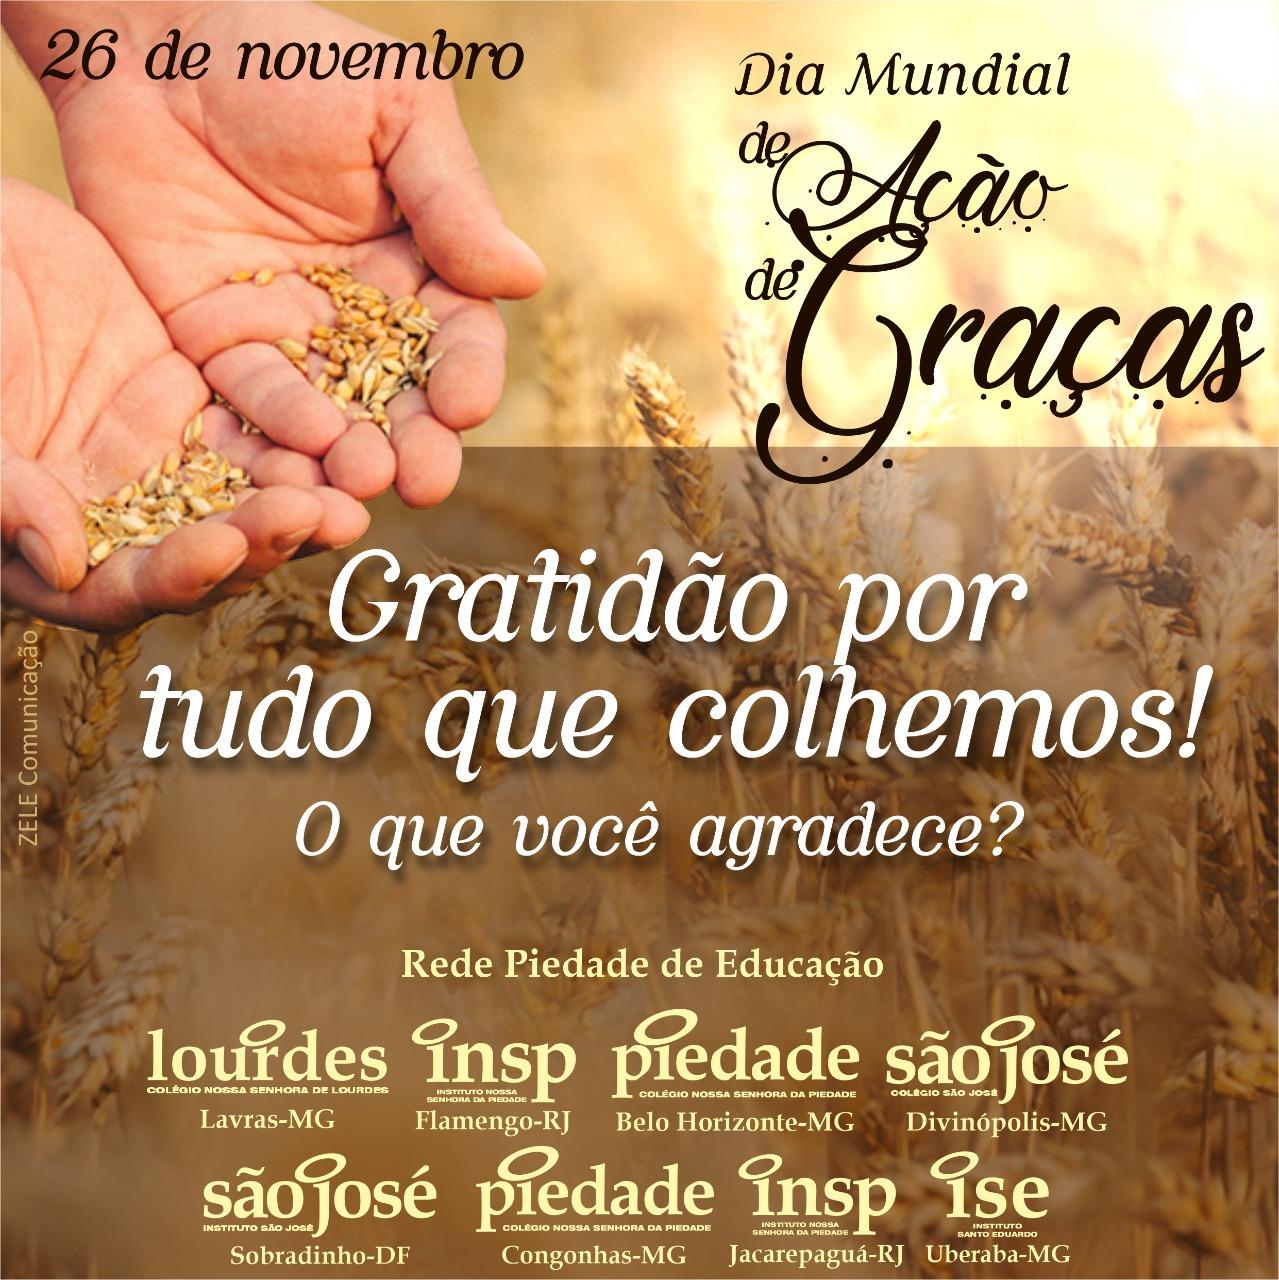 Dia mundial de ação de graças – 26 de novembro